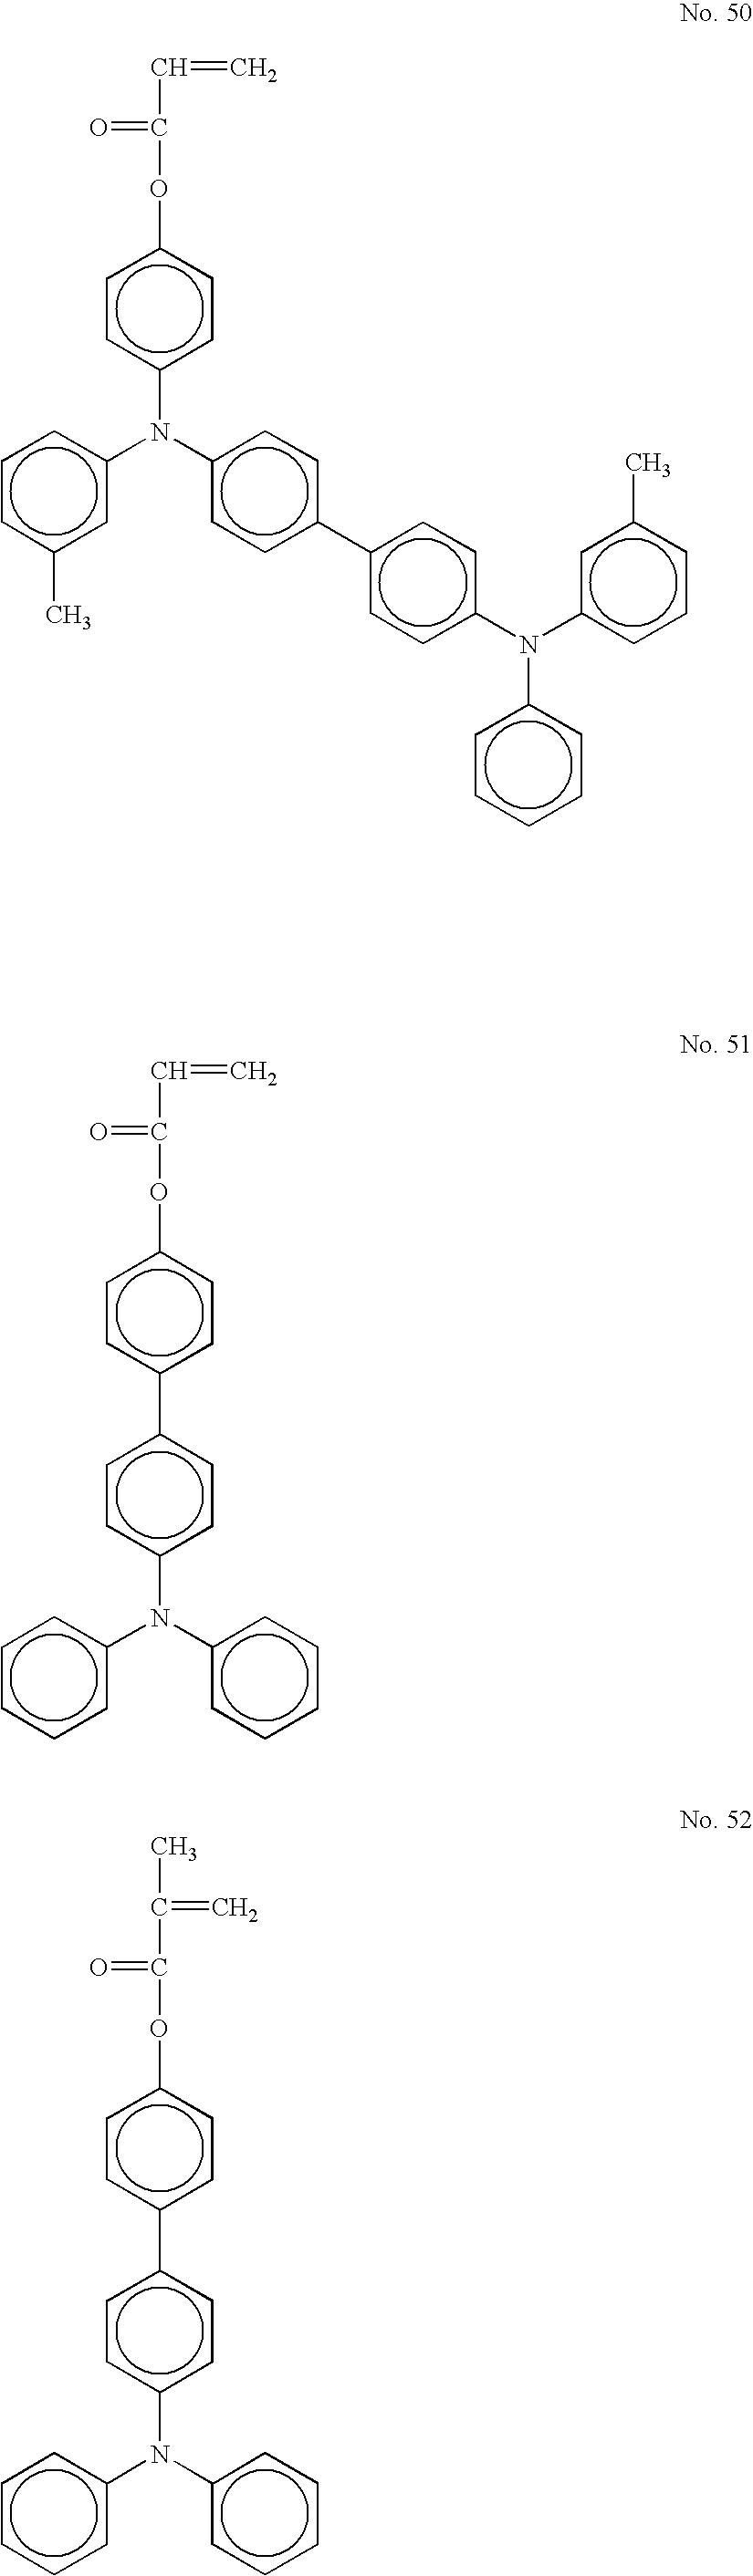 Figure US20060177749A1-20060810-C00033